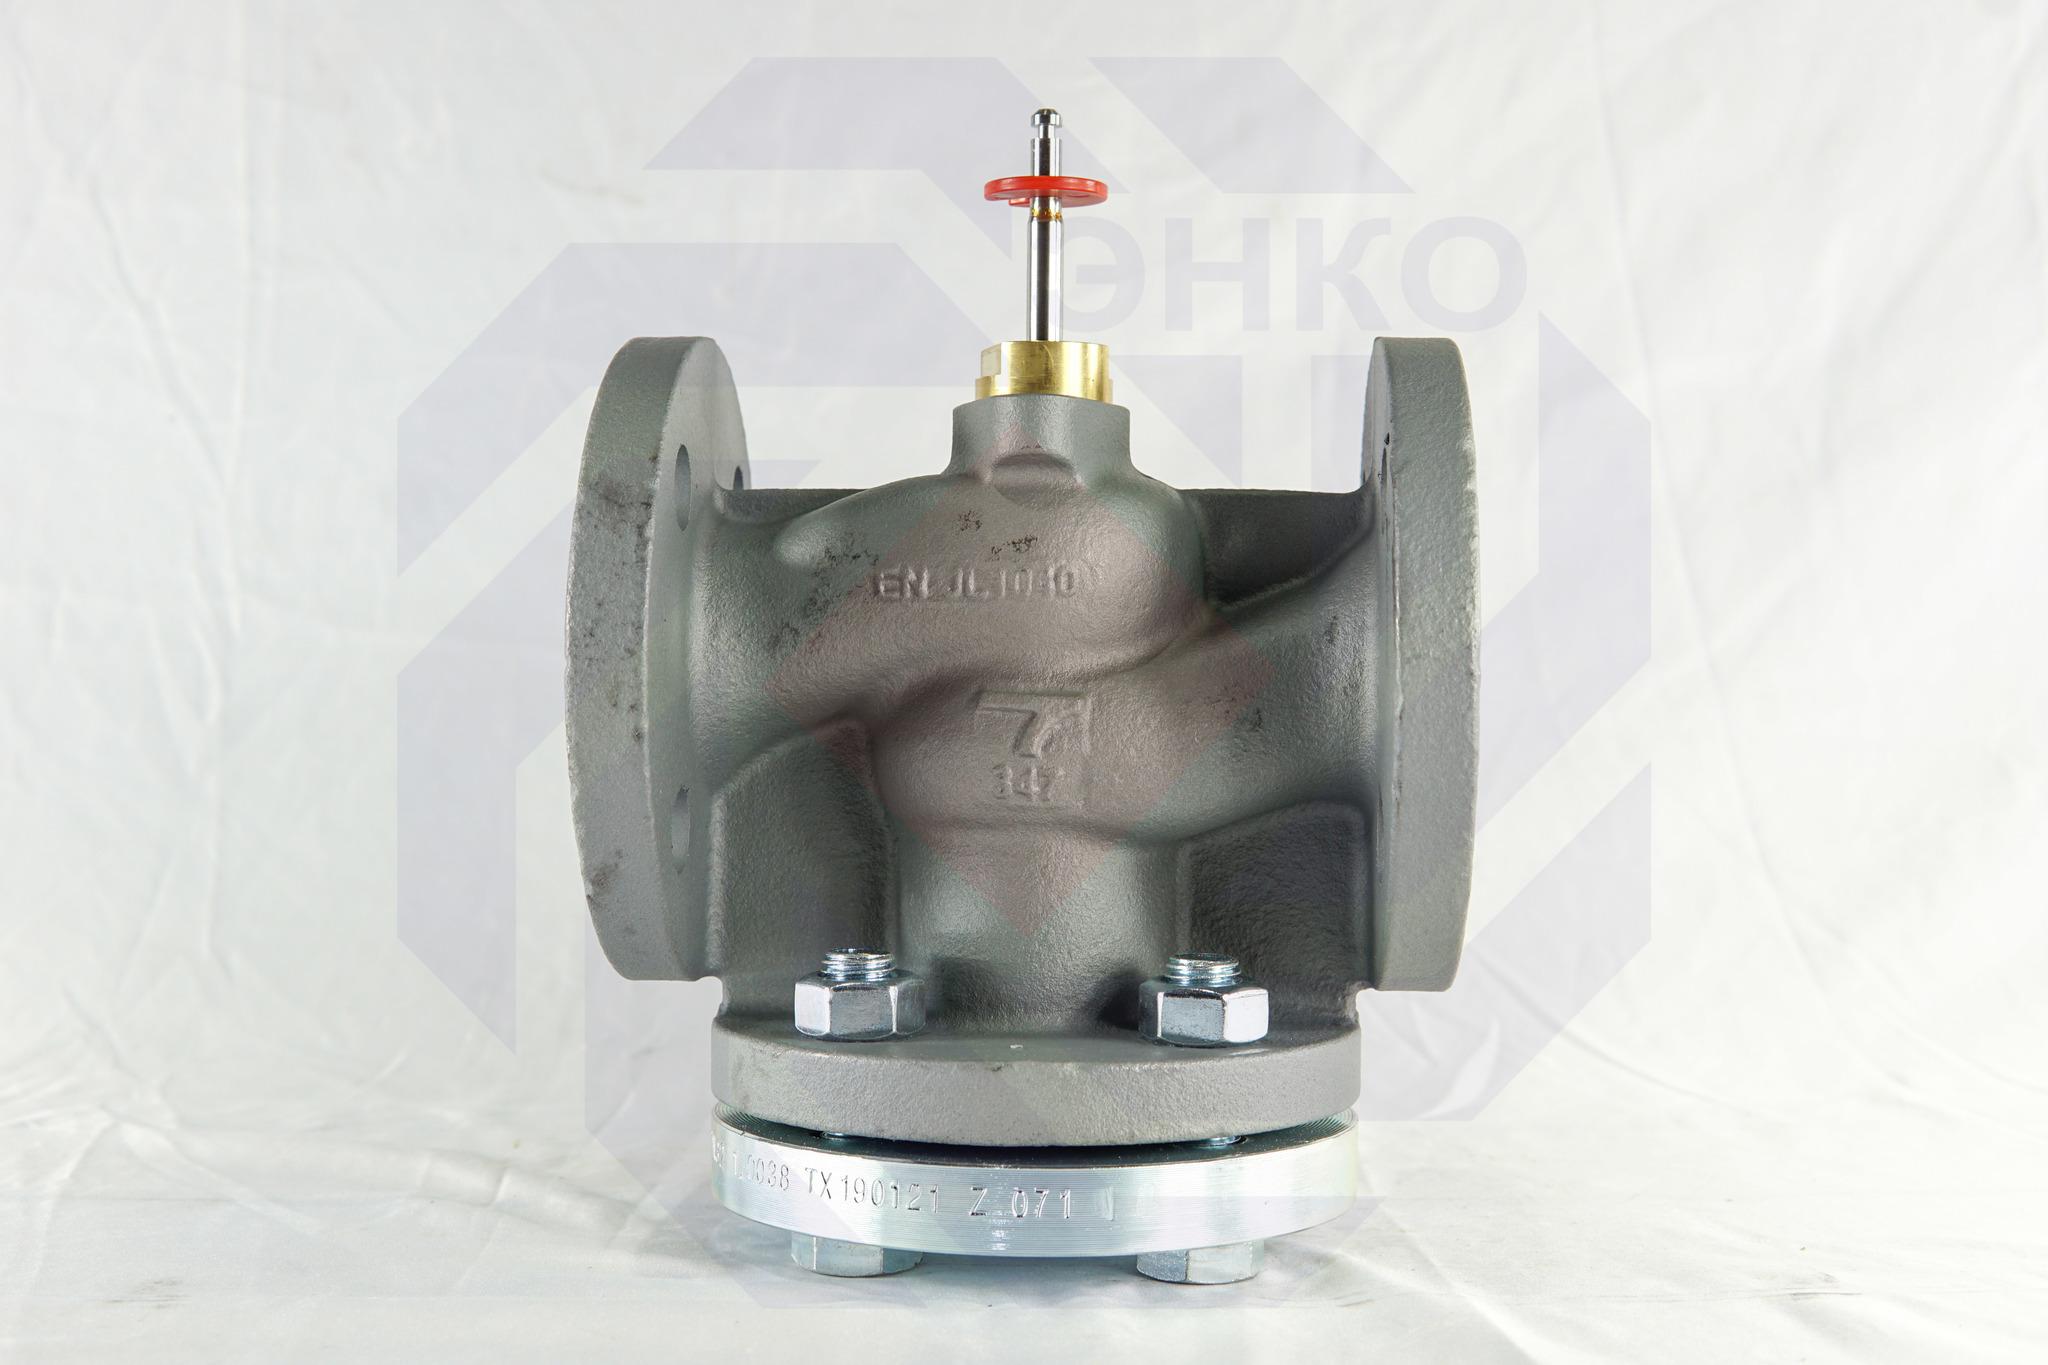 Клапан регулирующий двухходовой IMI CV216 GG DN 32